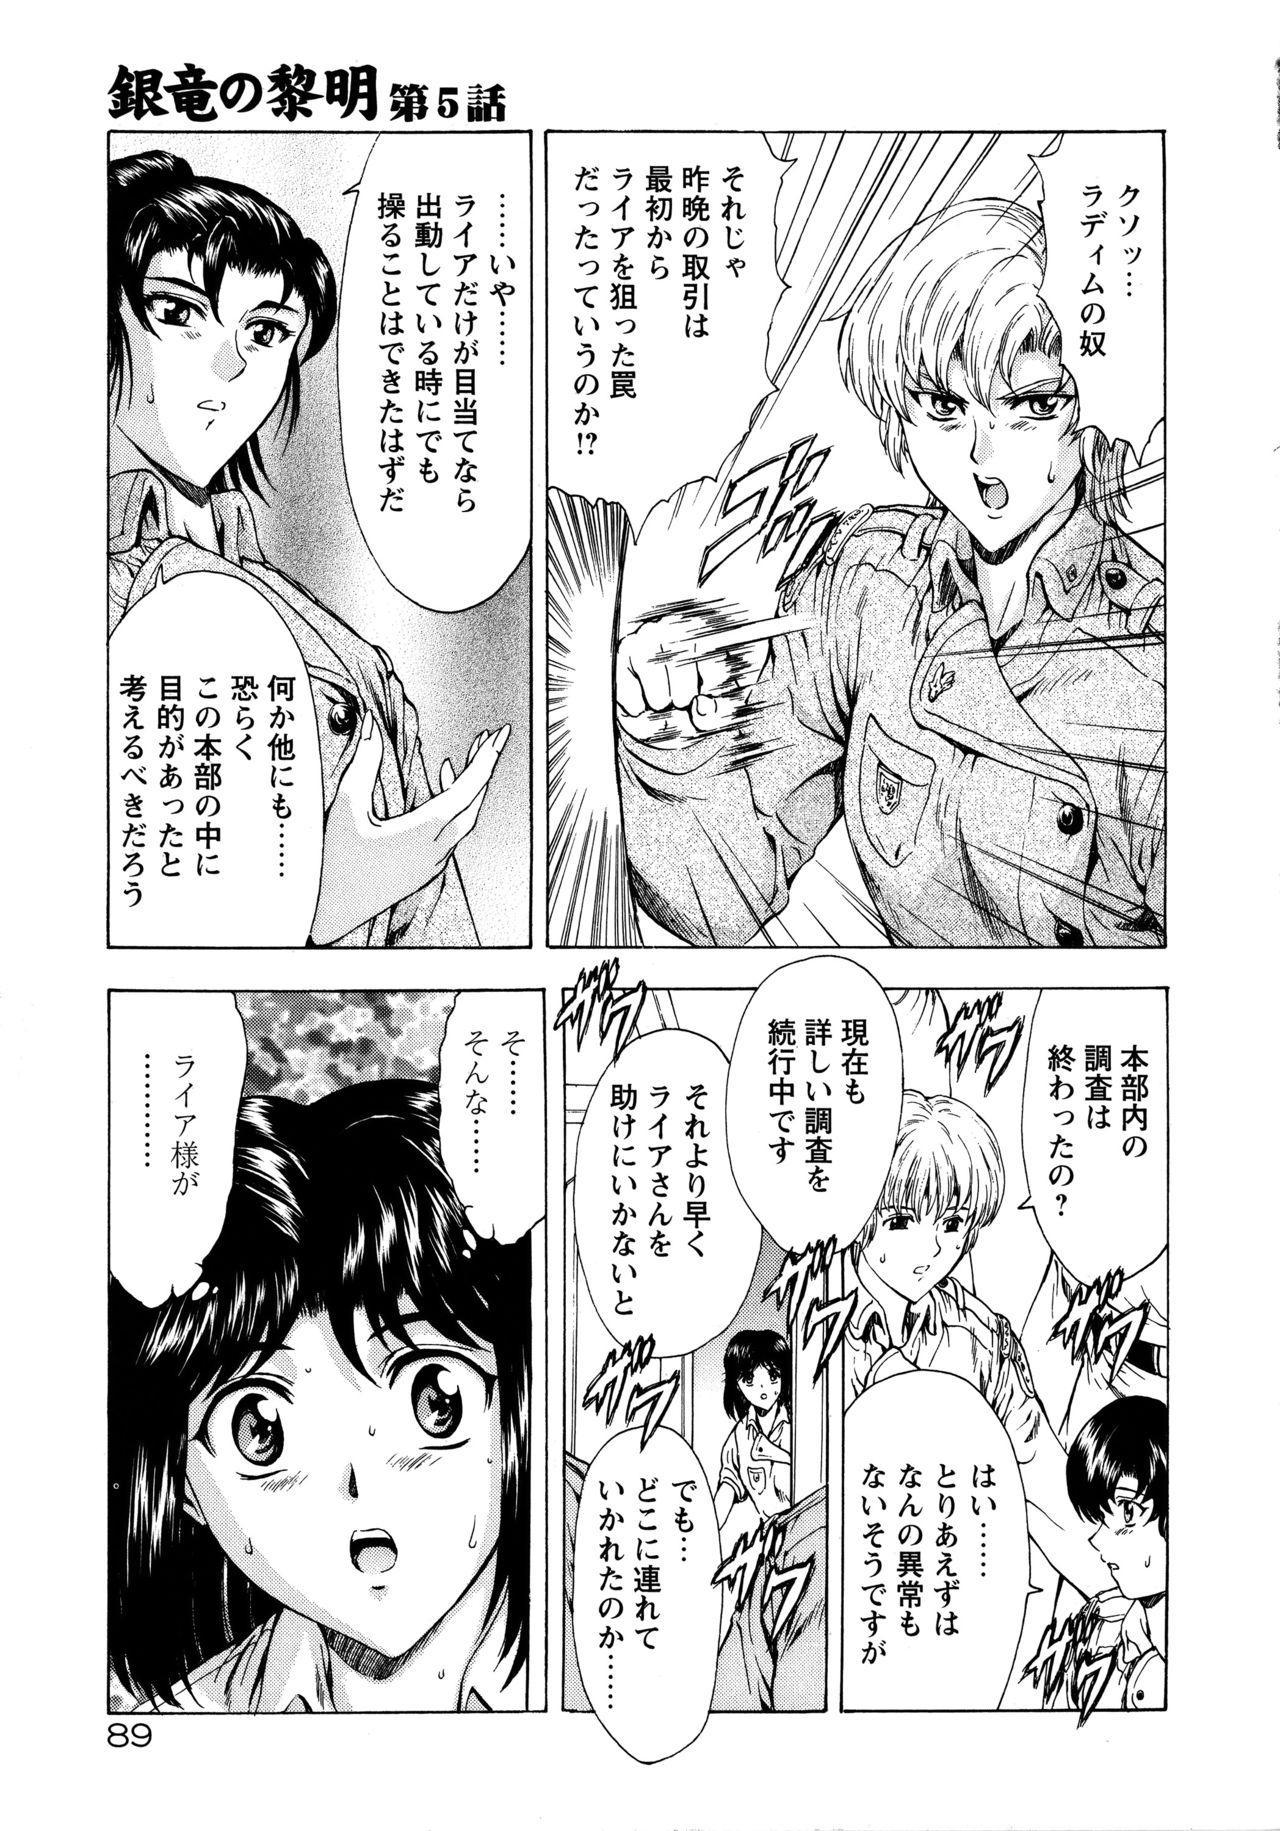 Ginryuu no Reimei Vol. 1 96